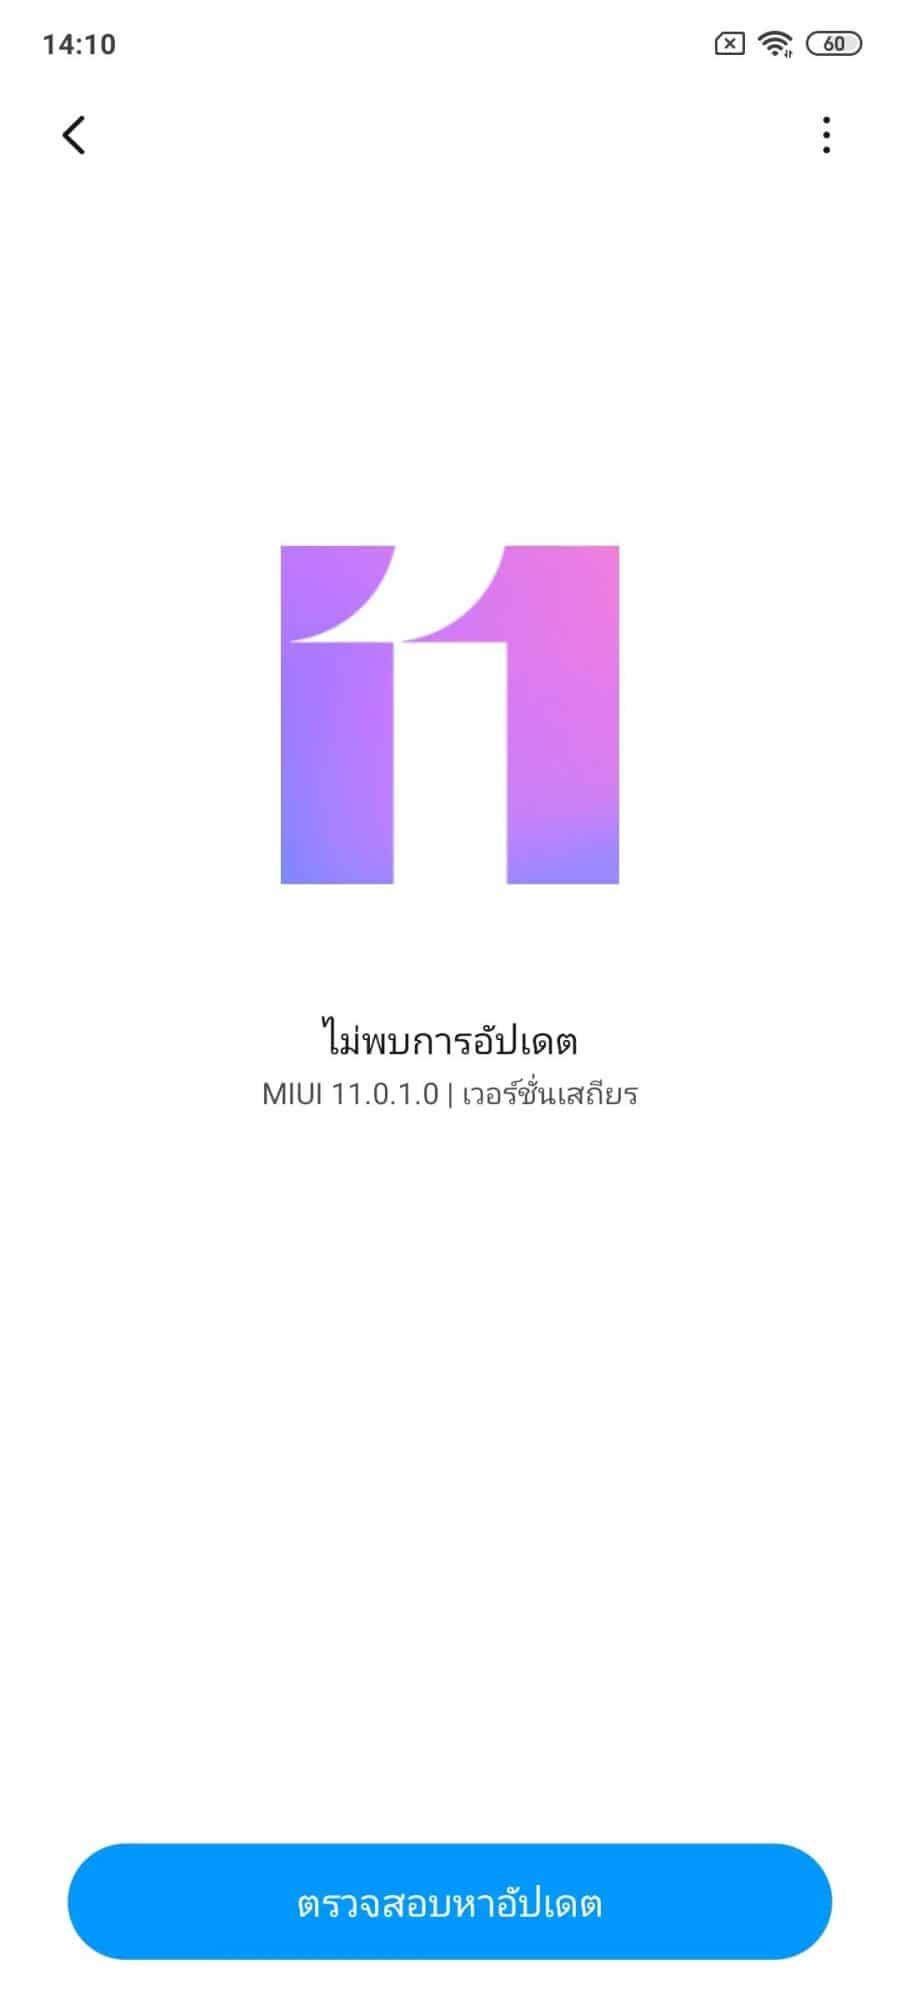 Redmi Note 9 - รีวิว Redmi Note 9 และ Redmi Note 9 Pro แบรนด์ขวัญใจของดีราคาโดน